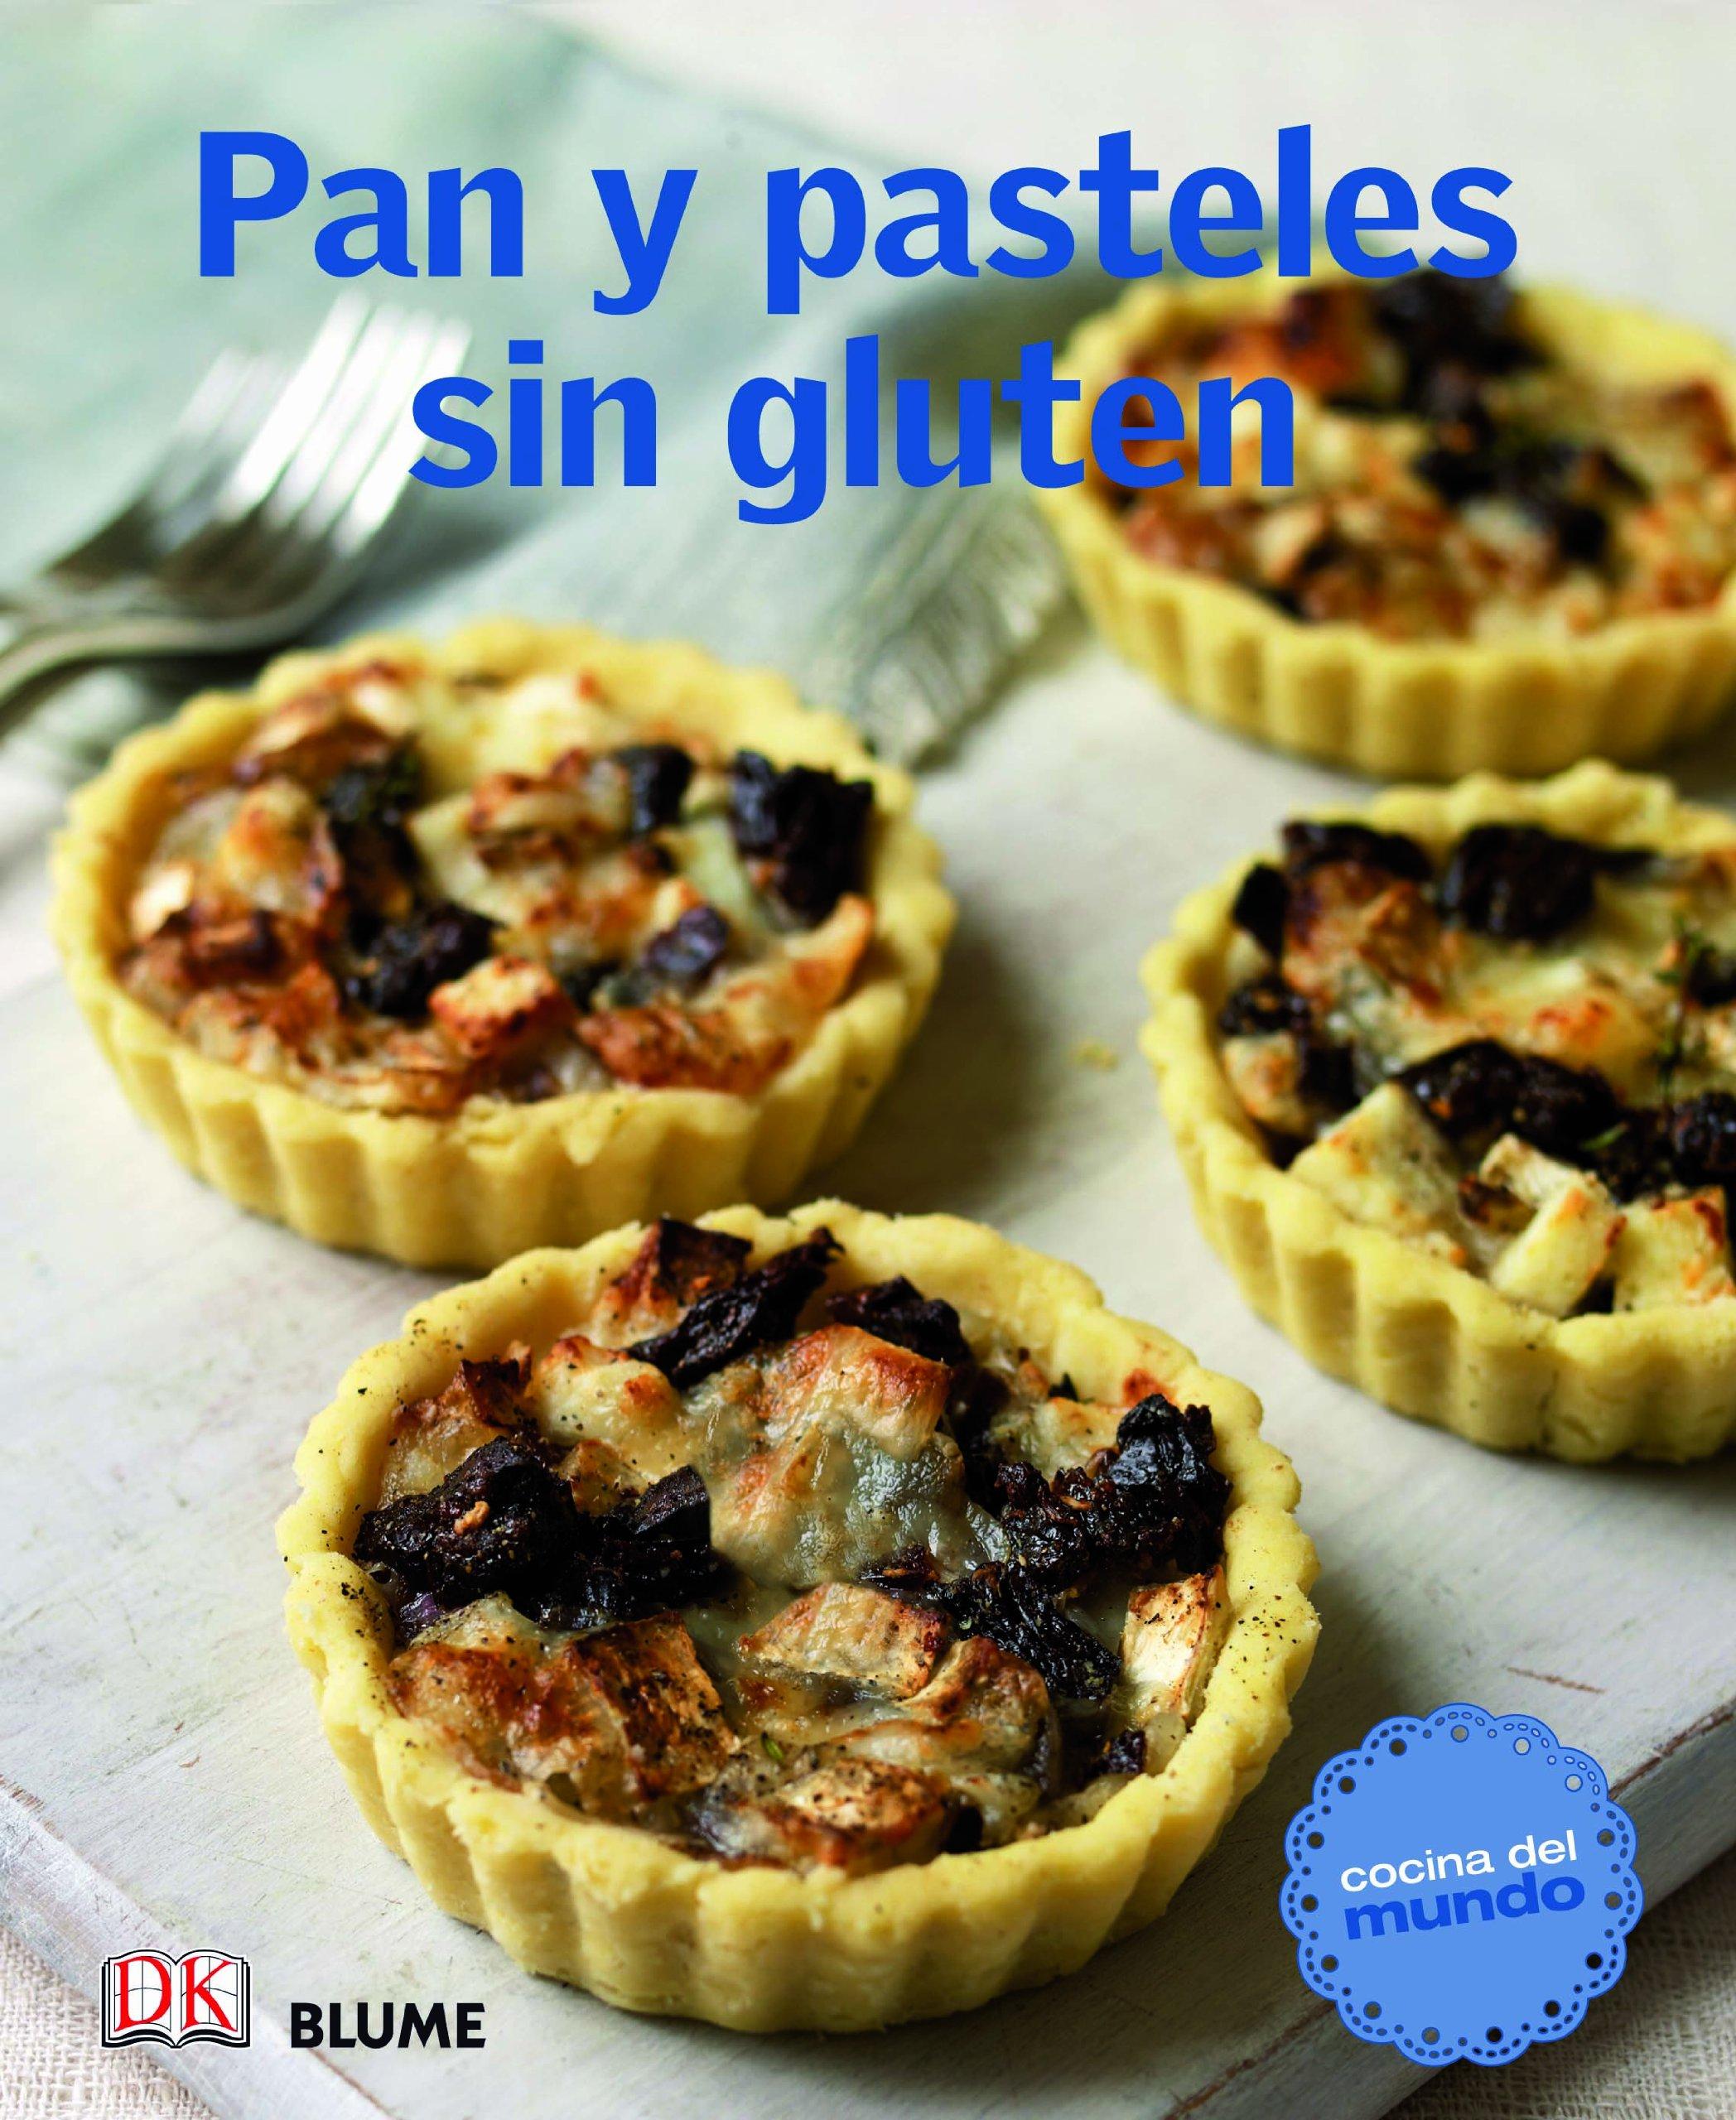 Cocina del mundo. Pan y pasteles sin gluten: 9788415317494 ...